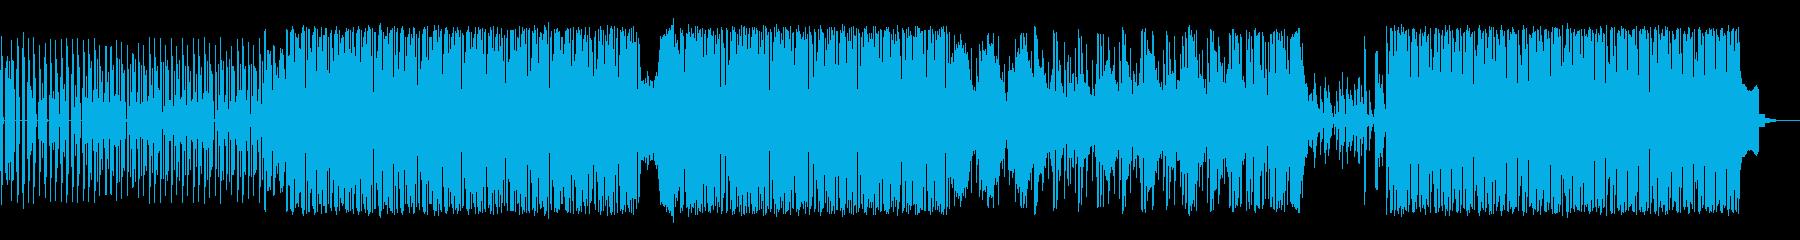 テクノ アクション 技術的な 楽し...の再生済みの波形